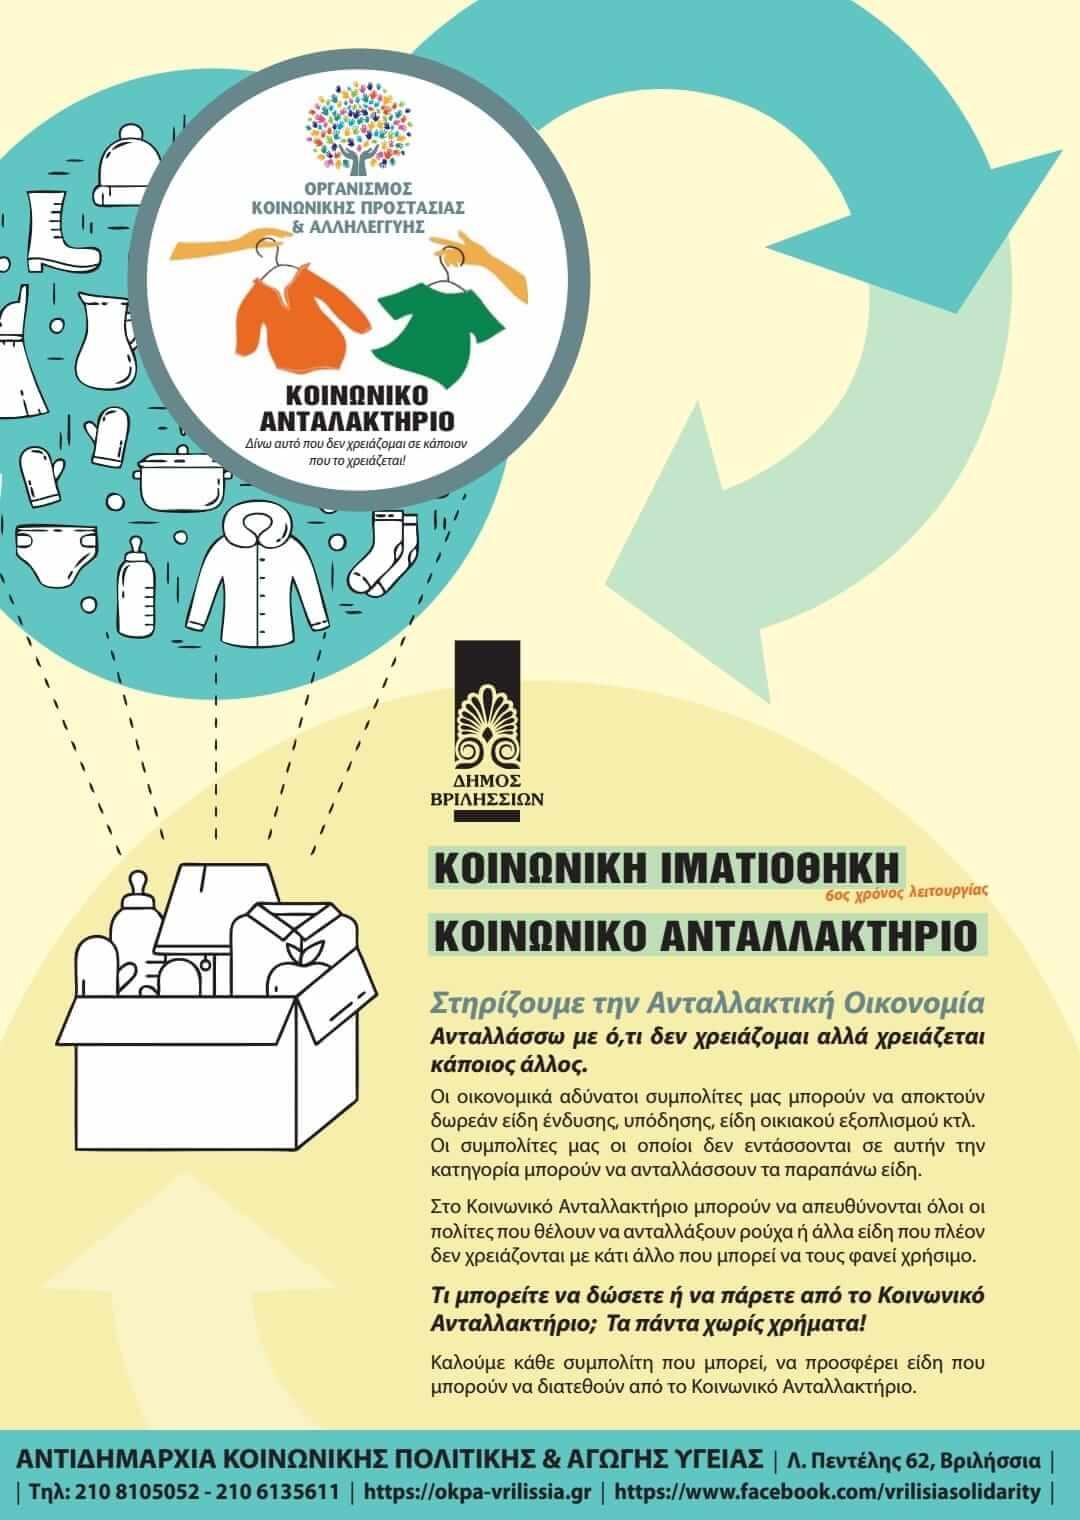 Κοινωνικό Ανταλλακτήριο - Κοινωνική Ιματιοθήκη, 6ος χρόνος λειτουργίας στο Δήμο Βριλησσίων